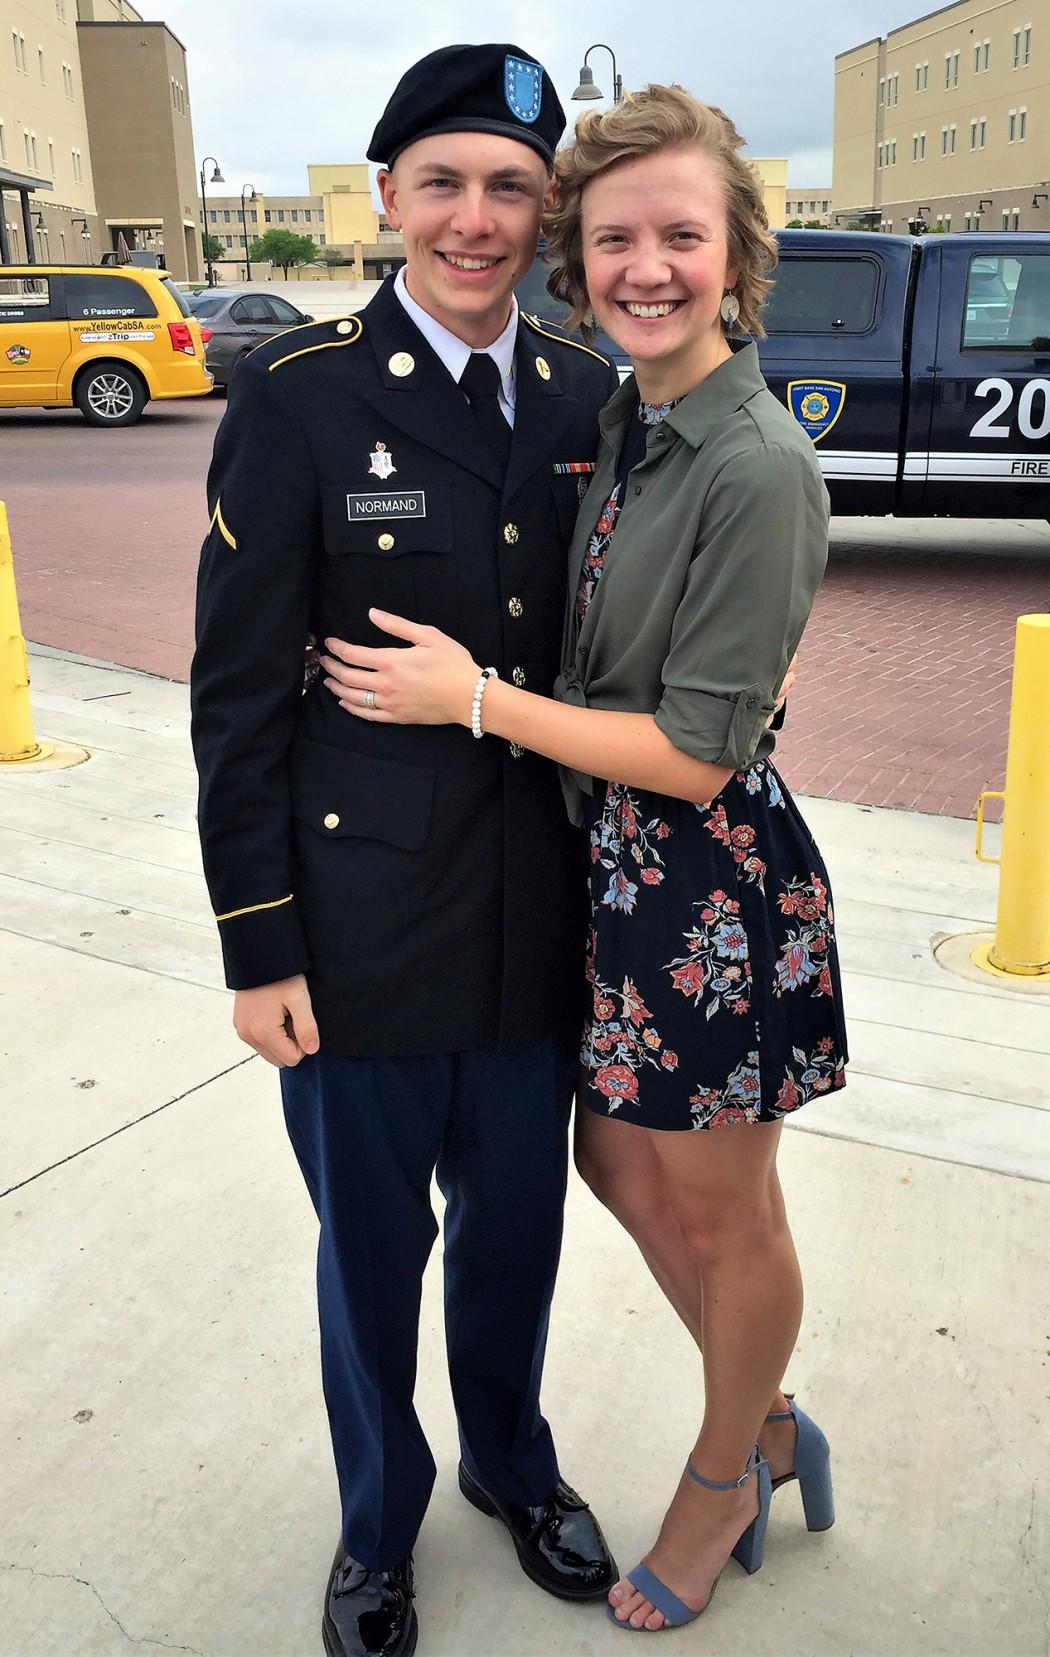 Kayla and boyfriend, Matthew